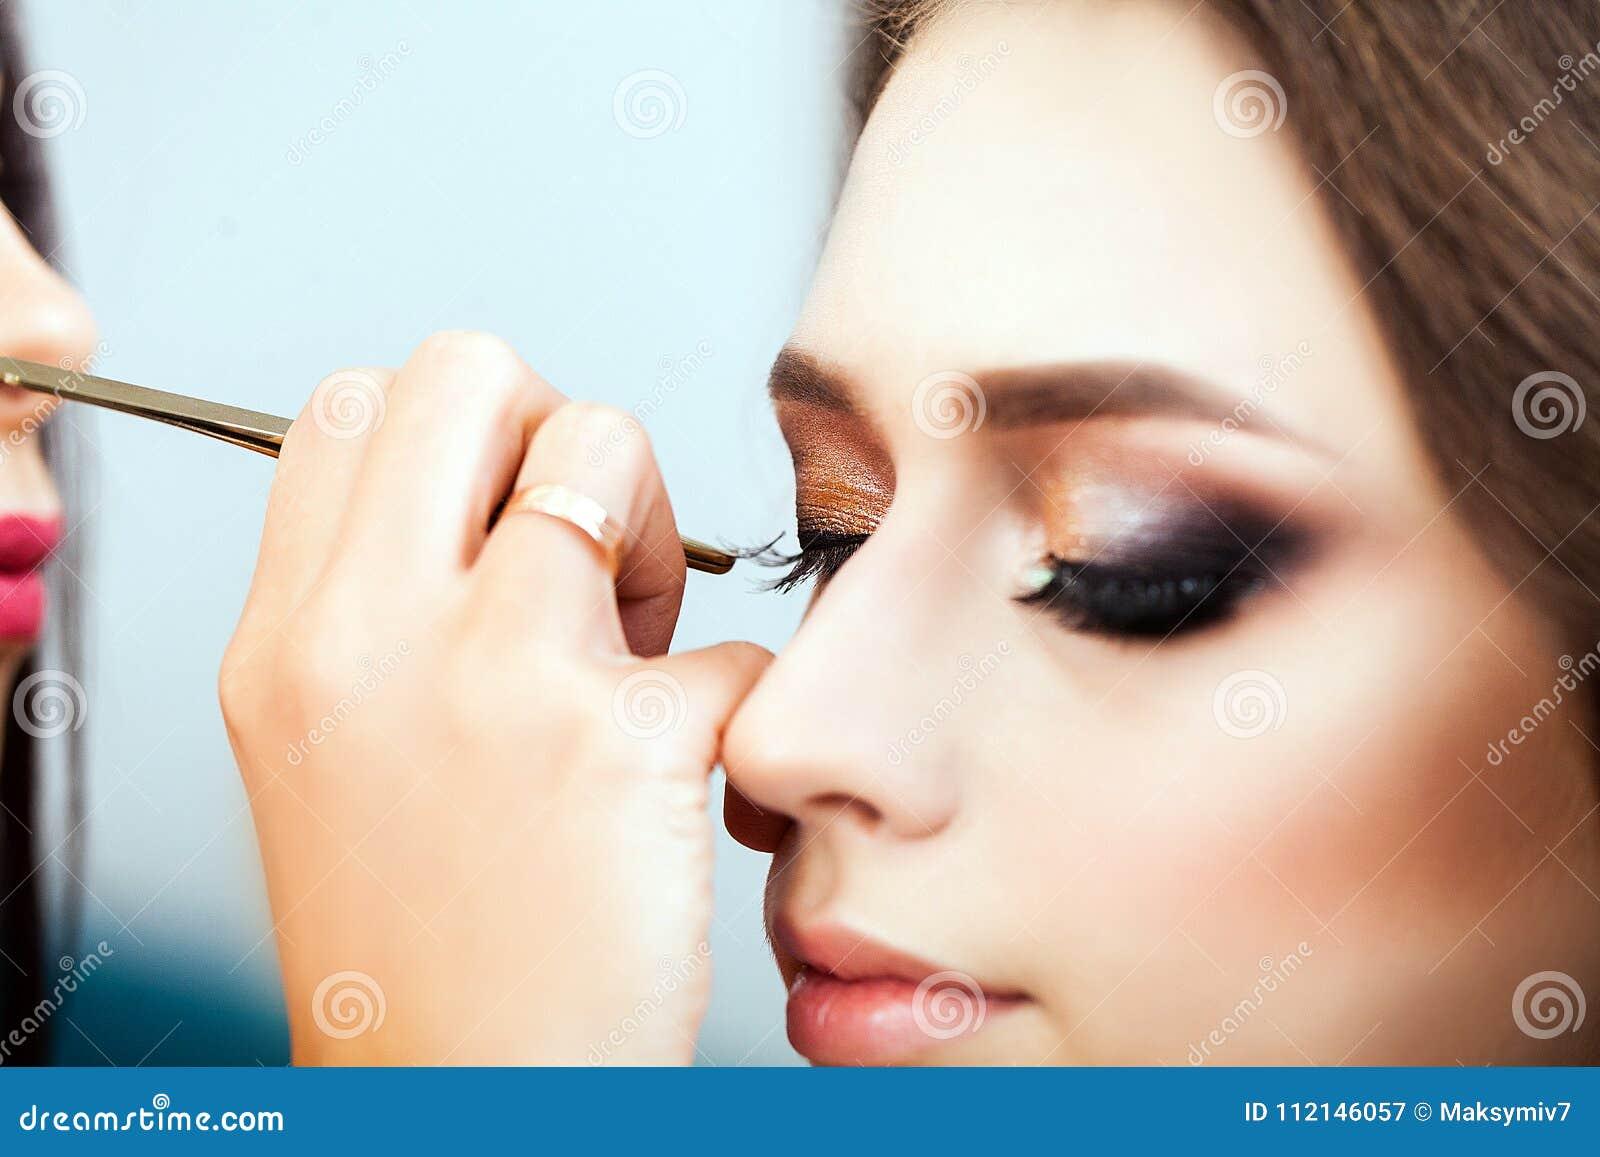 Αποτελέστε τον καλλιτέχνη που εφαρμόζει τη σκιά ματιών σε μια γυναίκα